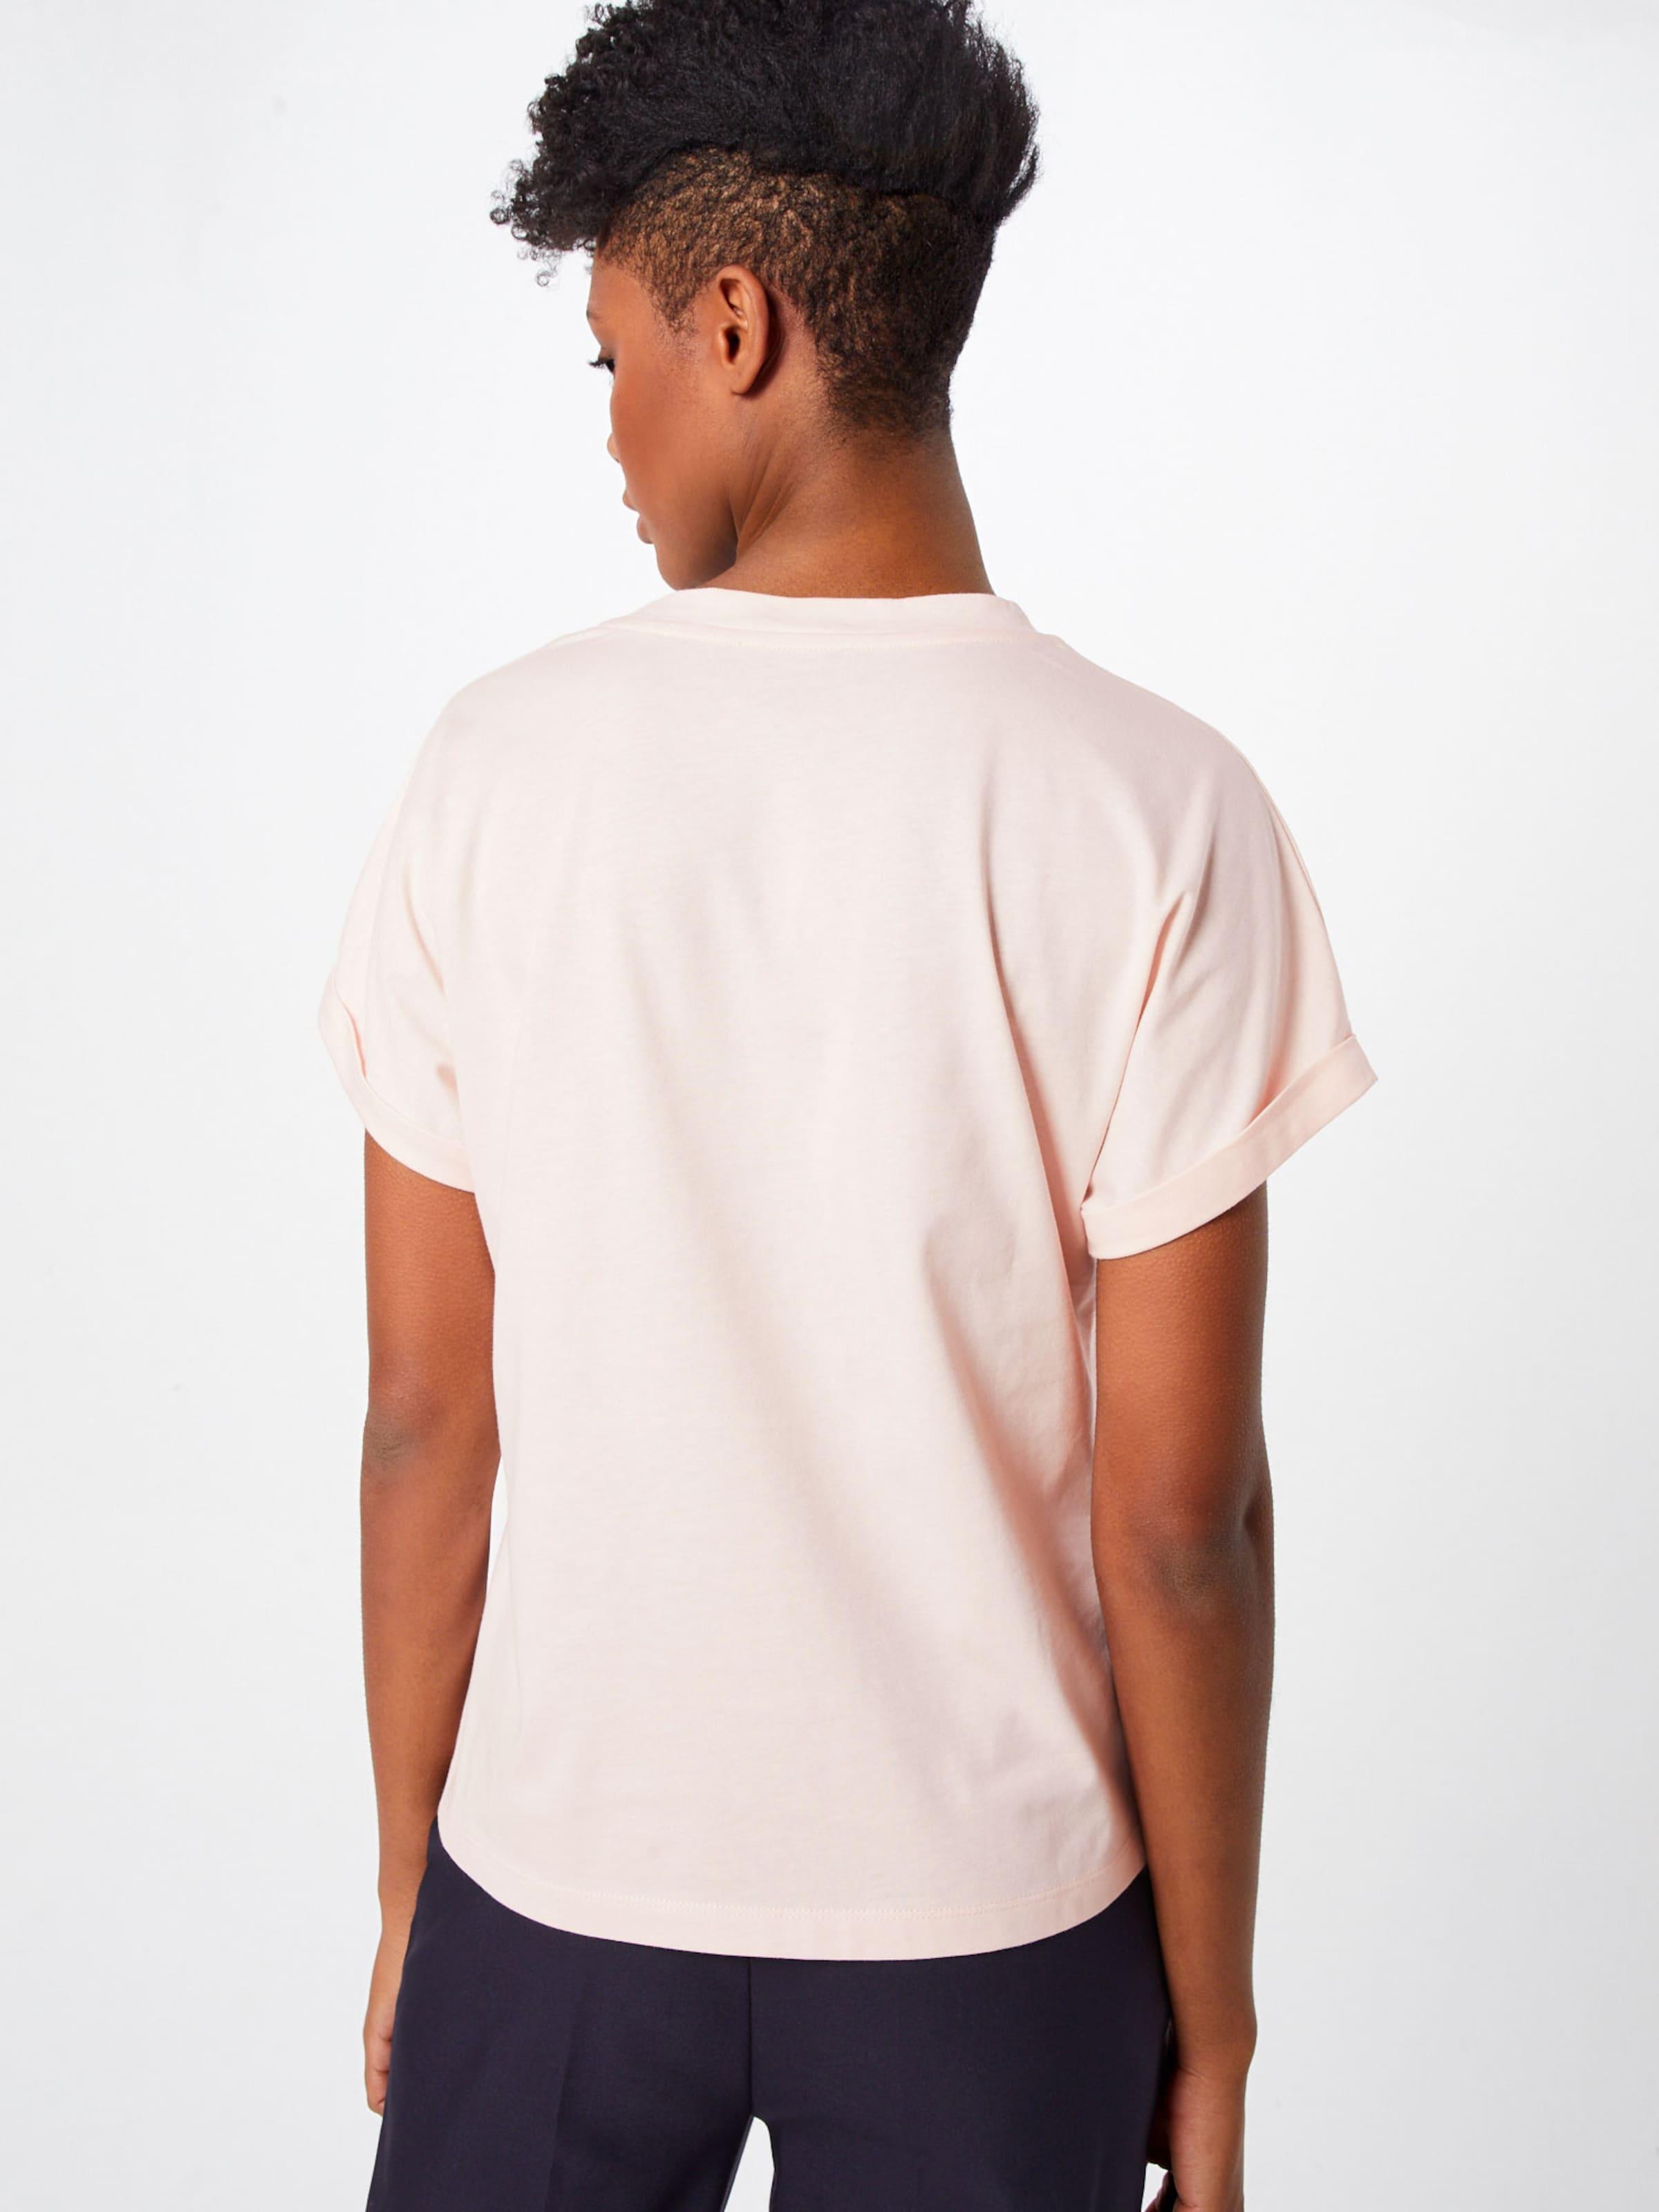 Grl 'nela' In Shirt About Rosé Pwr You X vnwOm8N0